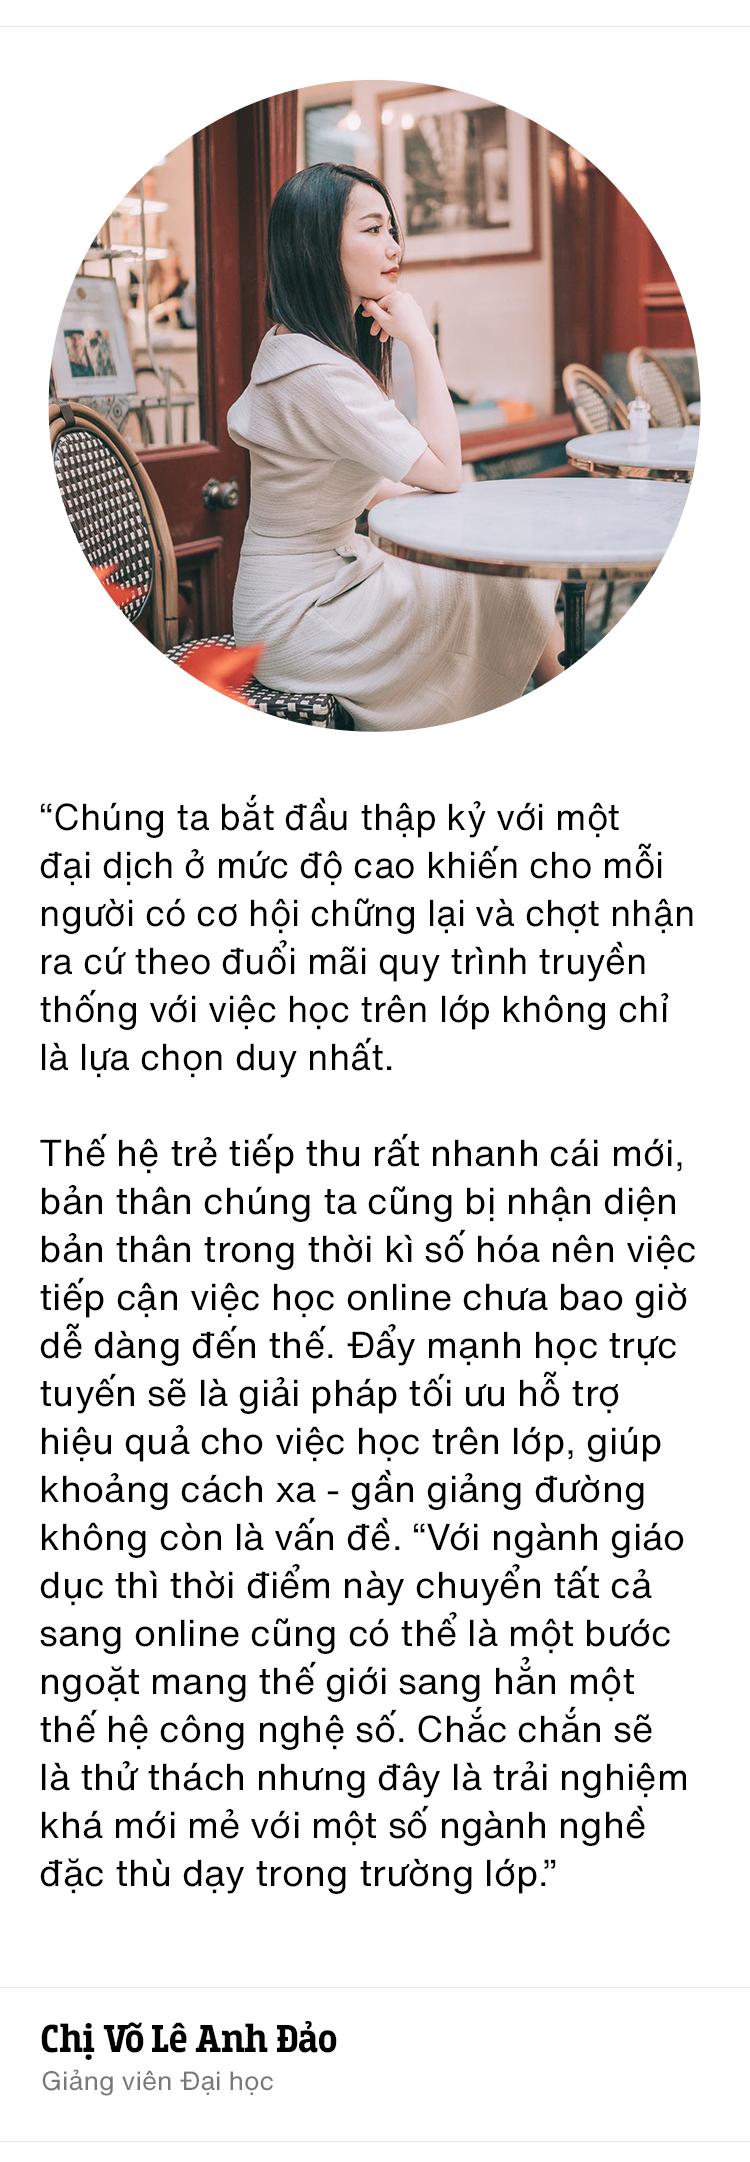 """""""Kỳ nghỉ Tết"""" dài nhất lịch sử của học sinh, sinh viên Việt Nam: Đây là lúc để chúng ta cùng thay đổi và tiến lên - ảnh 19"""